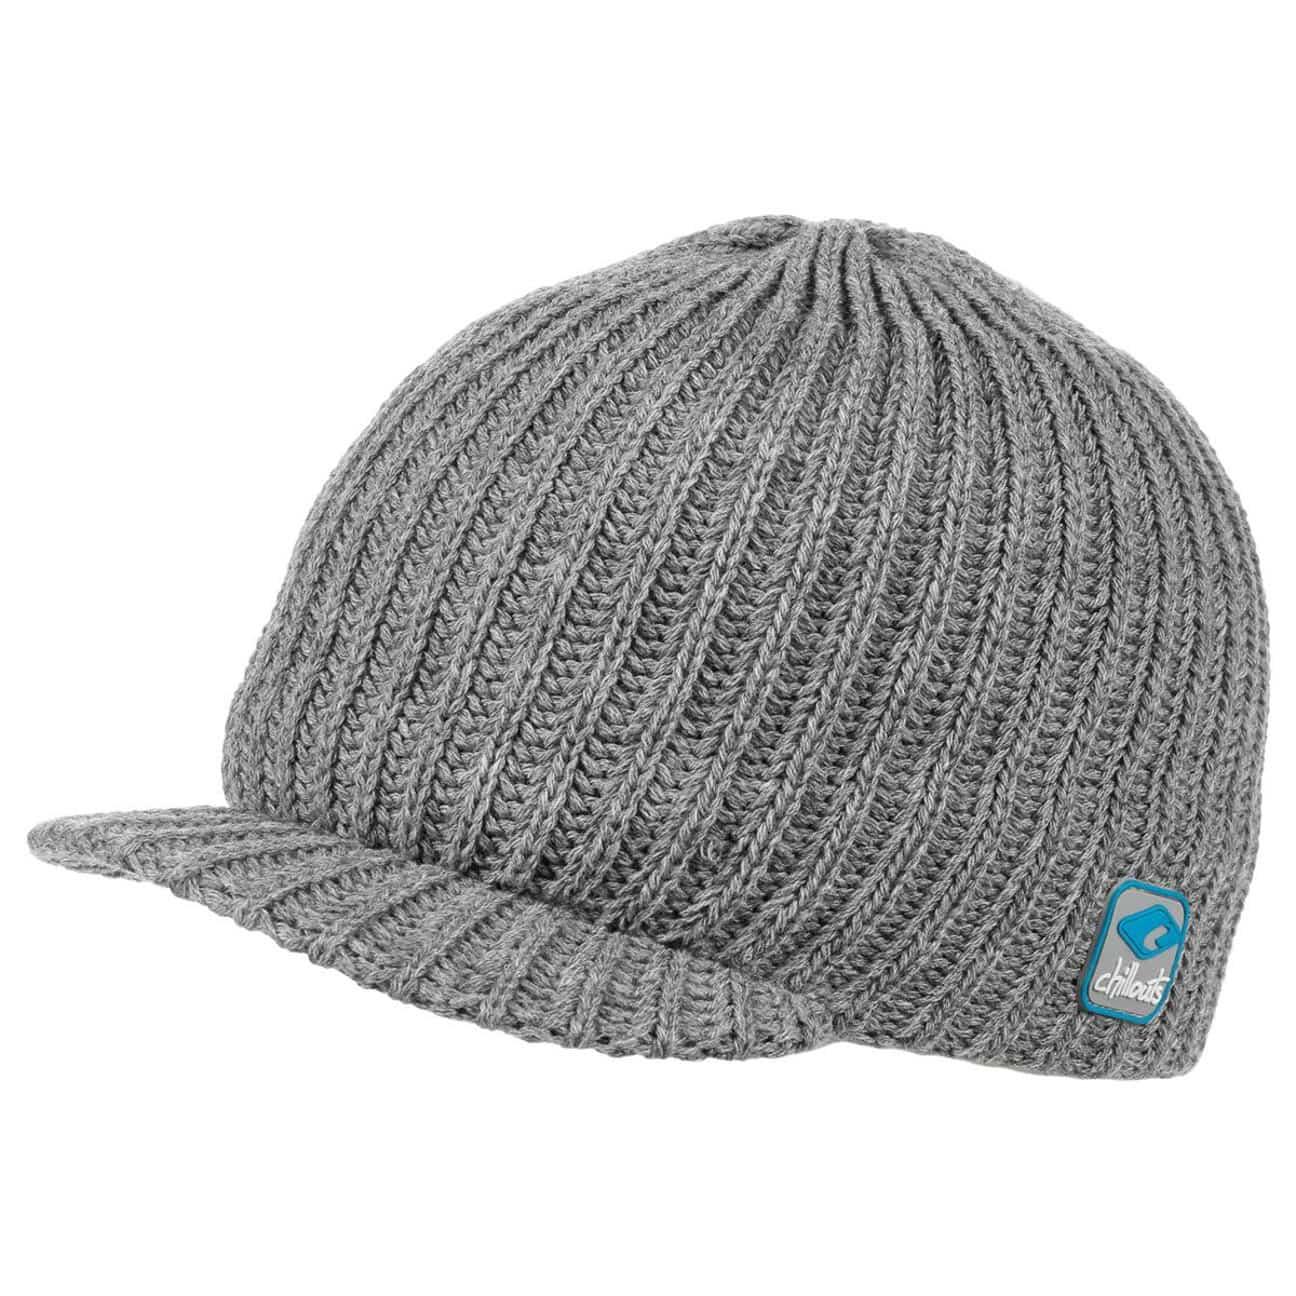 Bonnet Jack Styler by Chillouts  casquette pour l`hiver